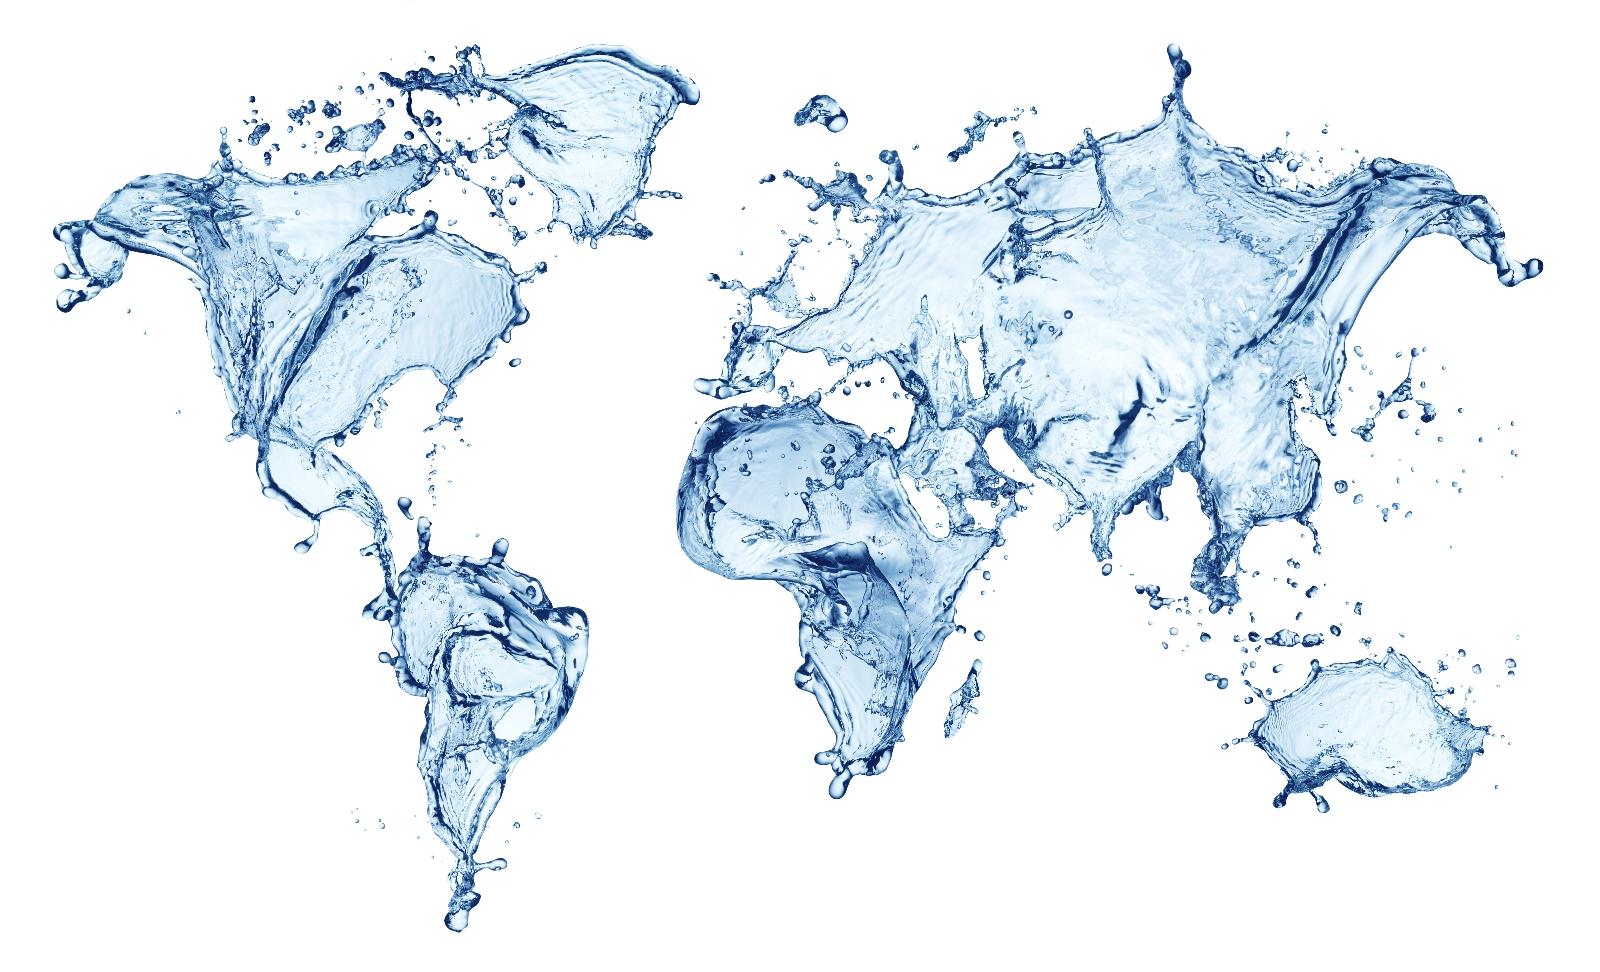 Para alcanzar las metas de desarrollo es necesario un aumento radical de las inversiones en agua y saneamiento